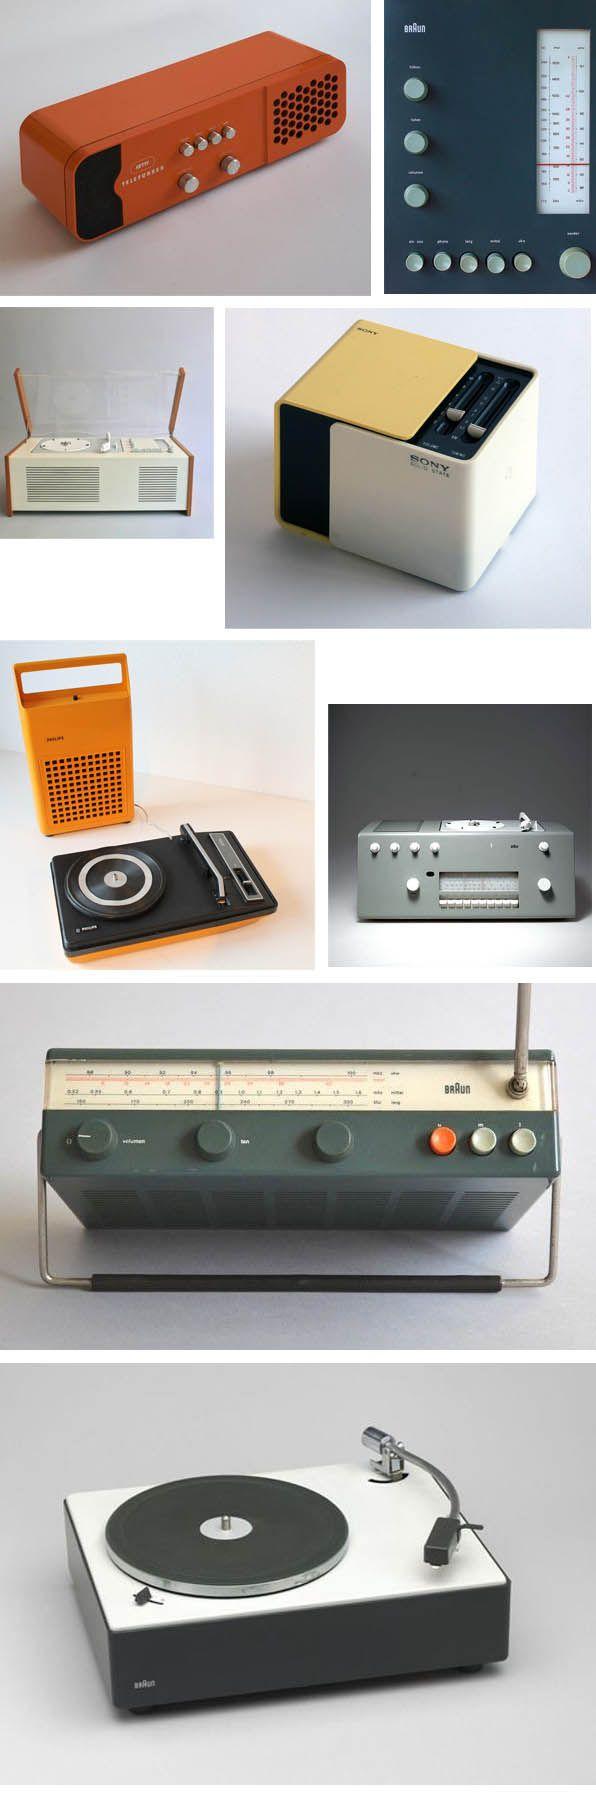 #diseño #sonoro #vintage Telefunken, Sony, Braun, Phillips… son marcas que hicieron historia con sus diseños en las décadas ´50, ´60 y ´70 con estos modelos que hoy os traemos. Y es que hoy es para hablar de la importancia del #diseño; de cómo un buen #producto puede no serlo si le falta esta componente crucial.